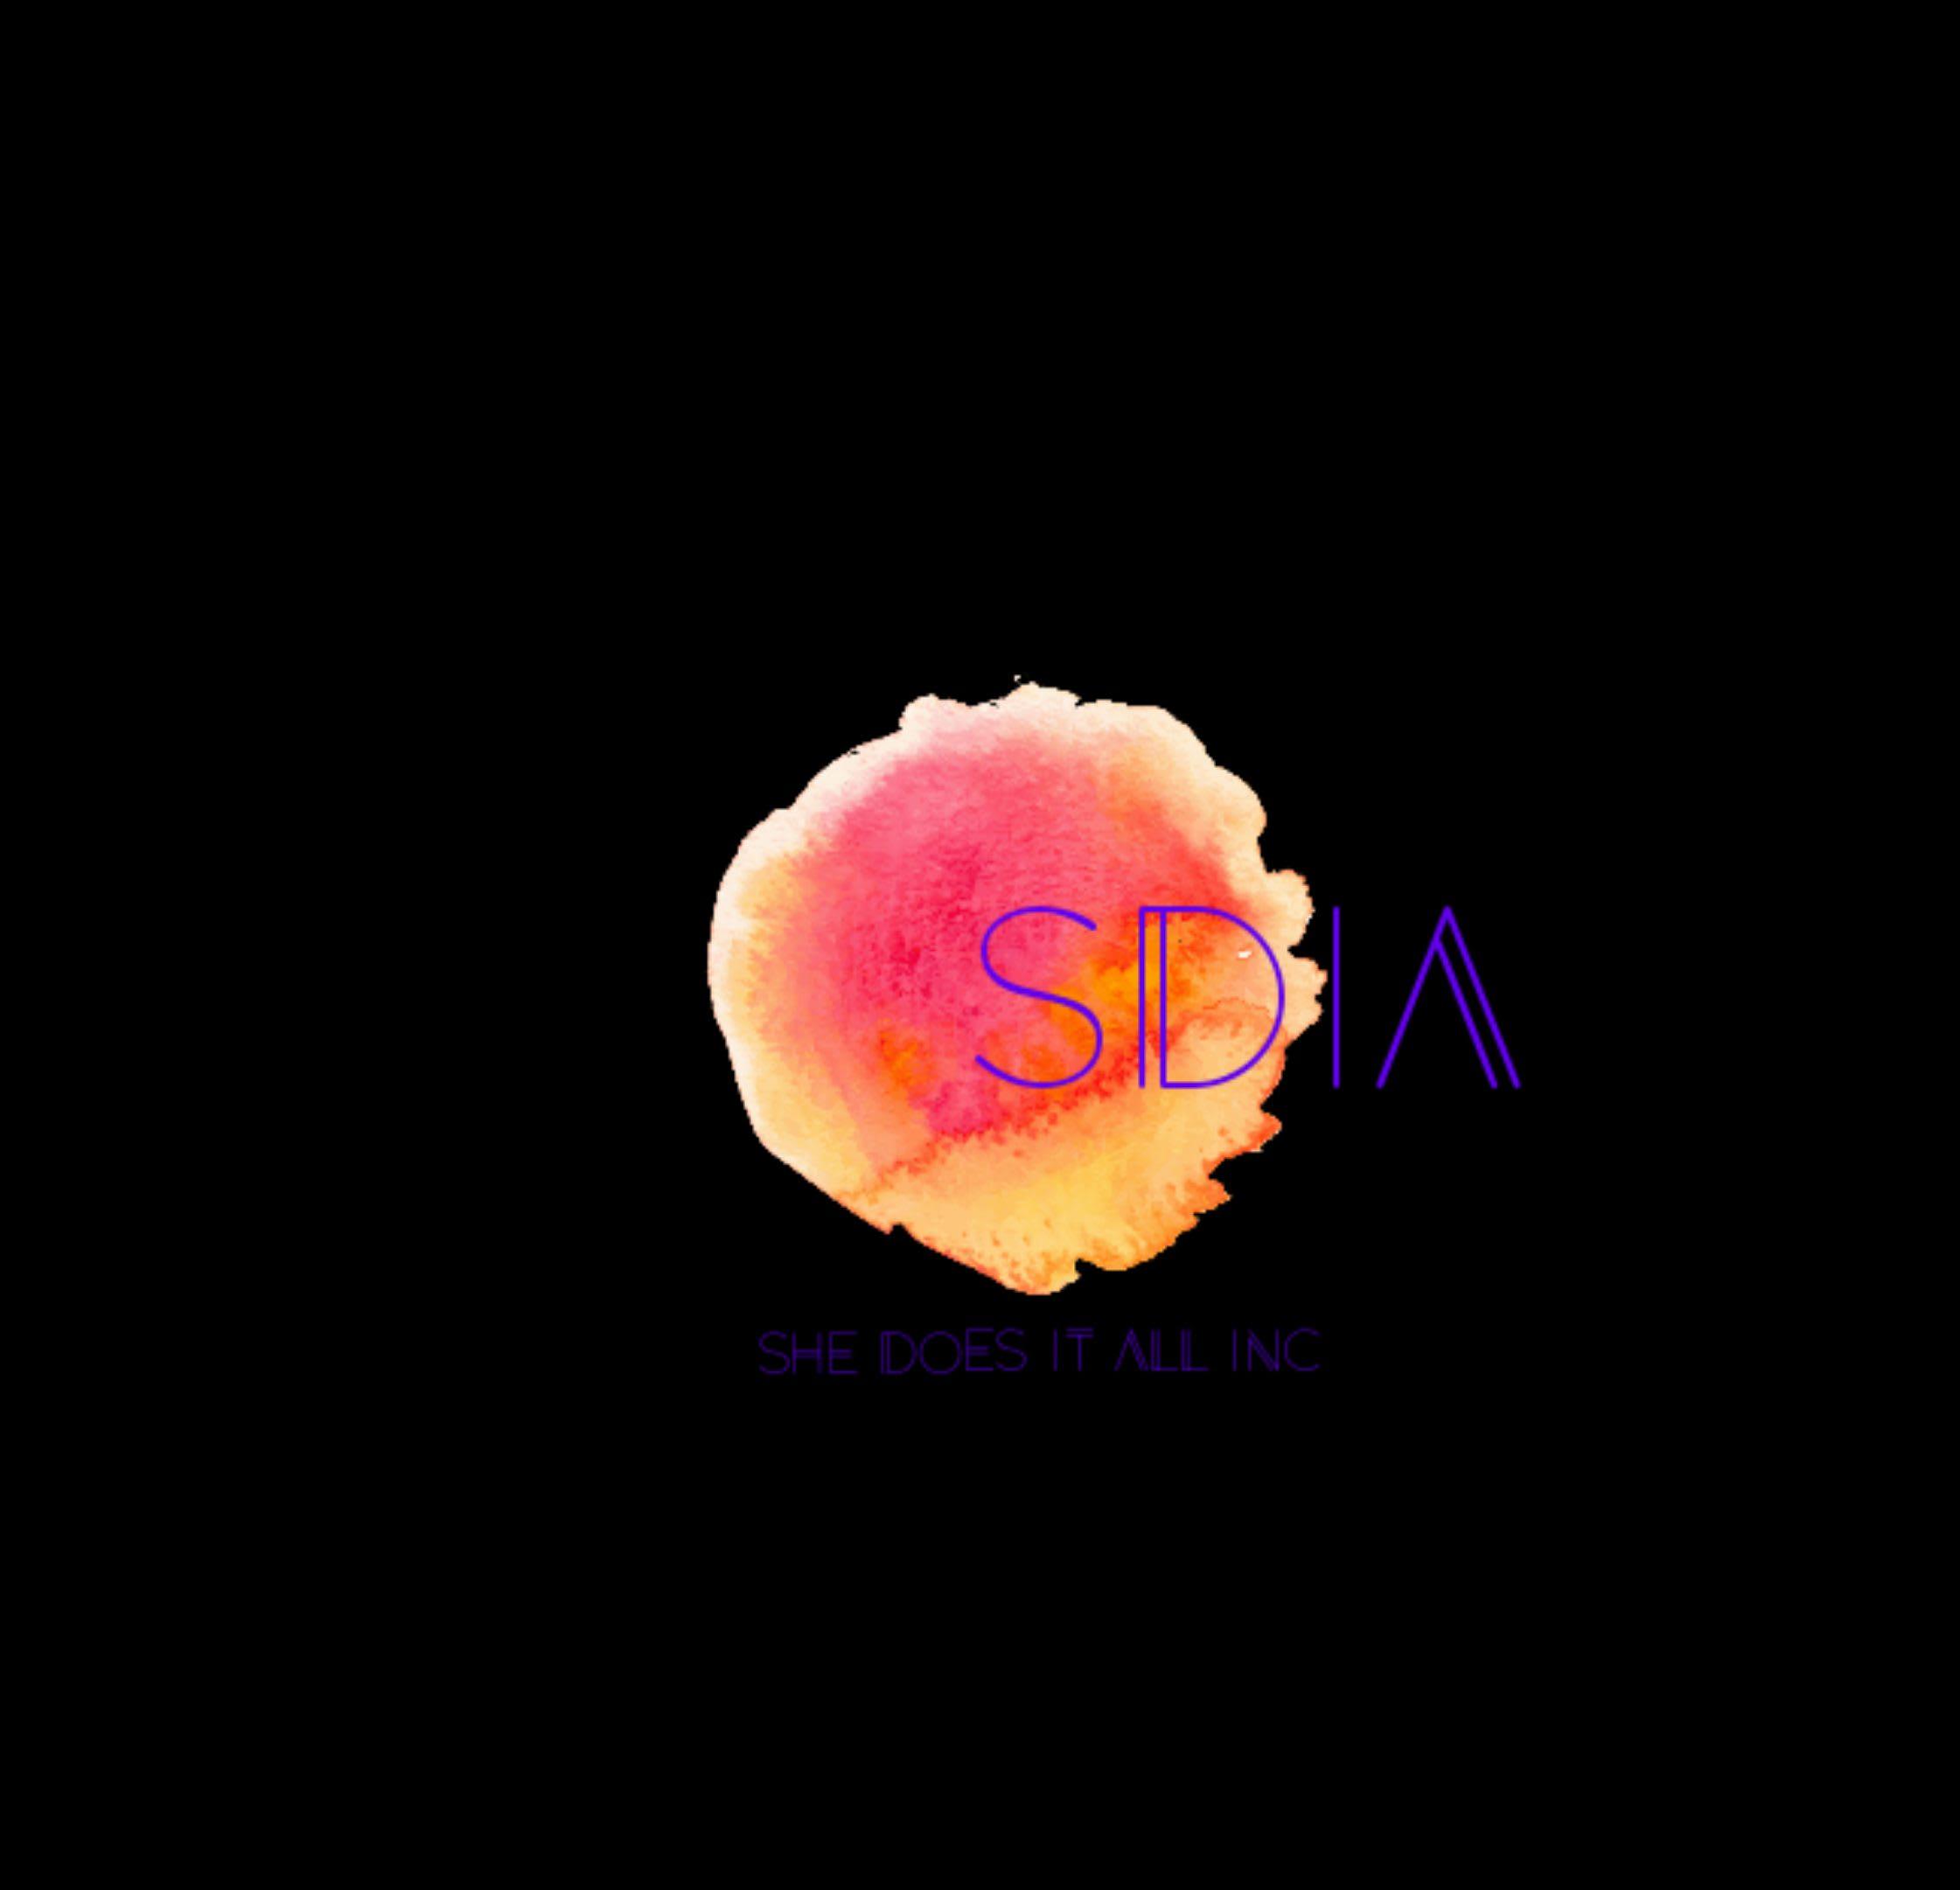 Sdia She Does It All